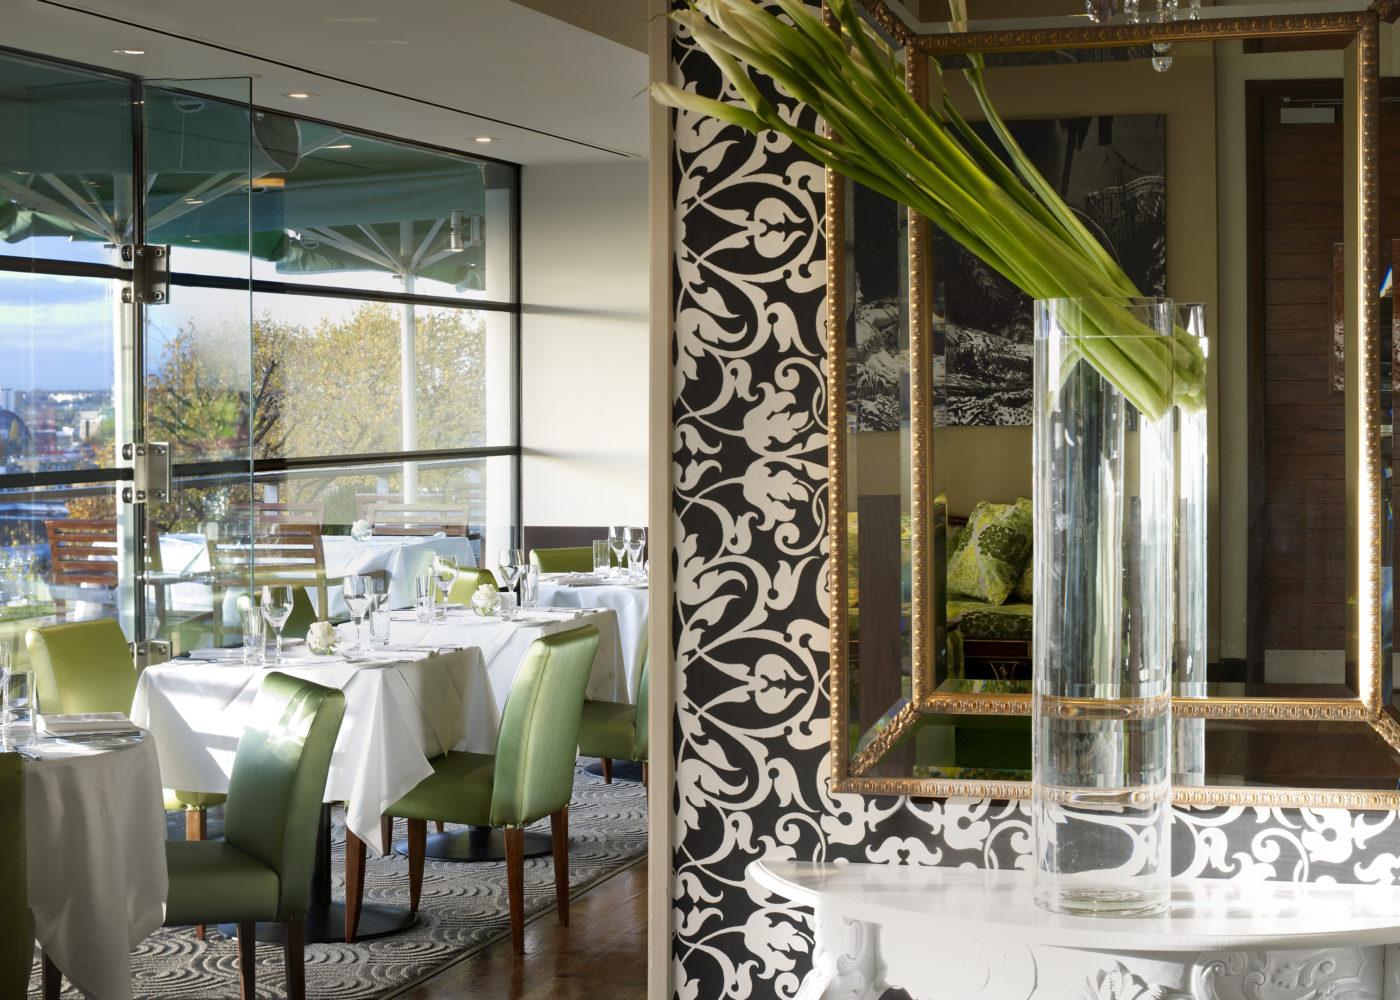 Babylon-Restaurant-from-entrance